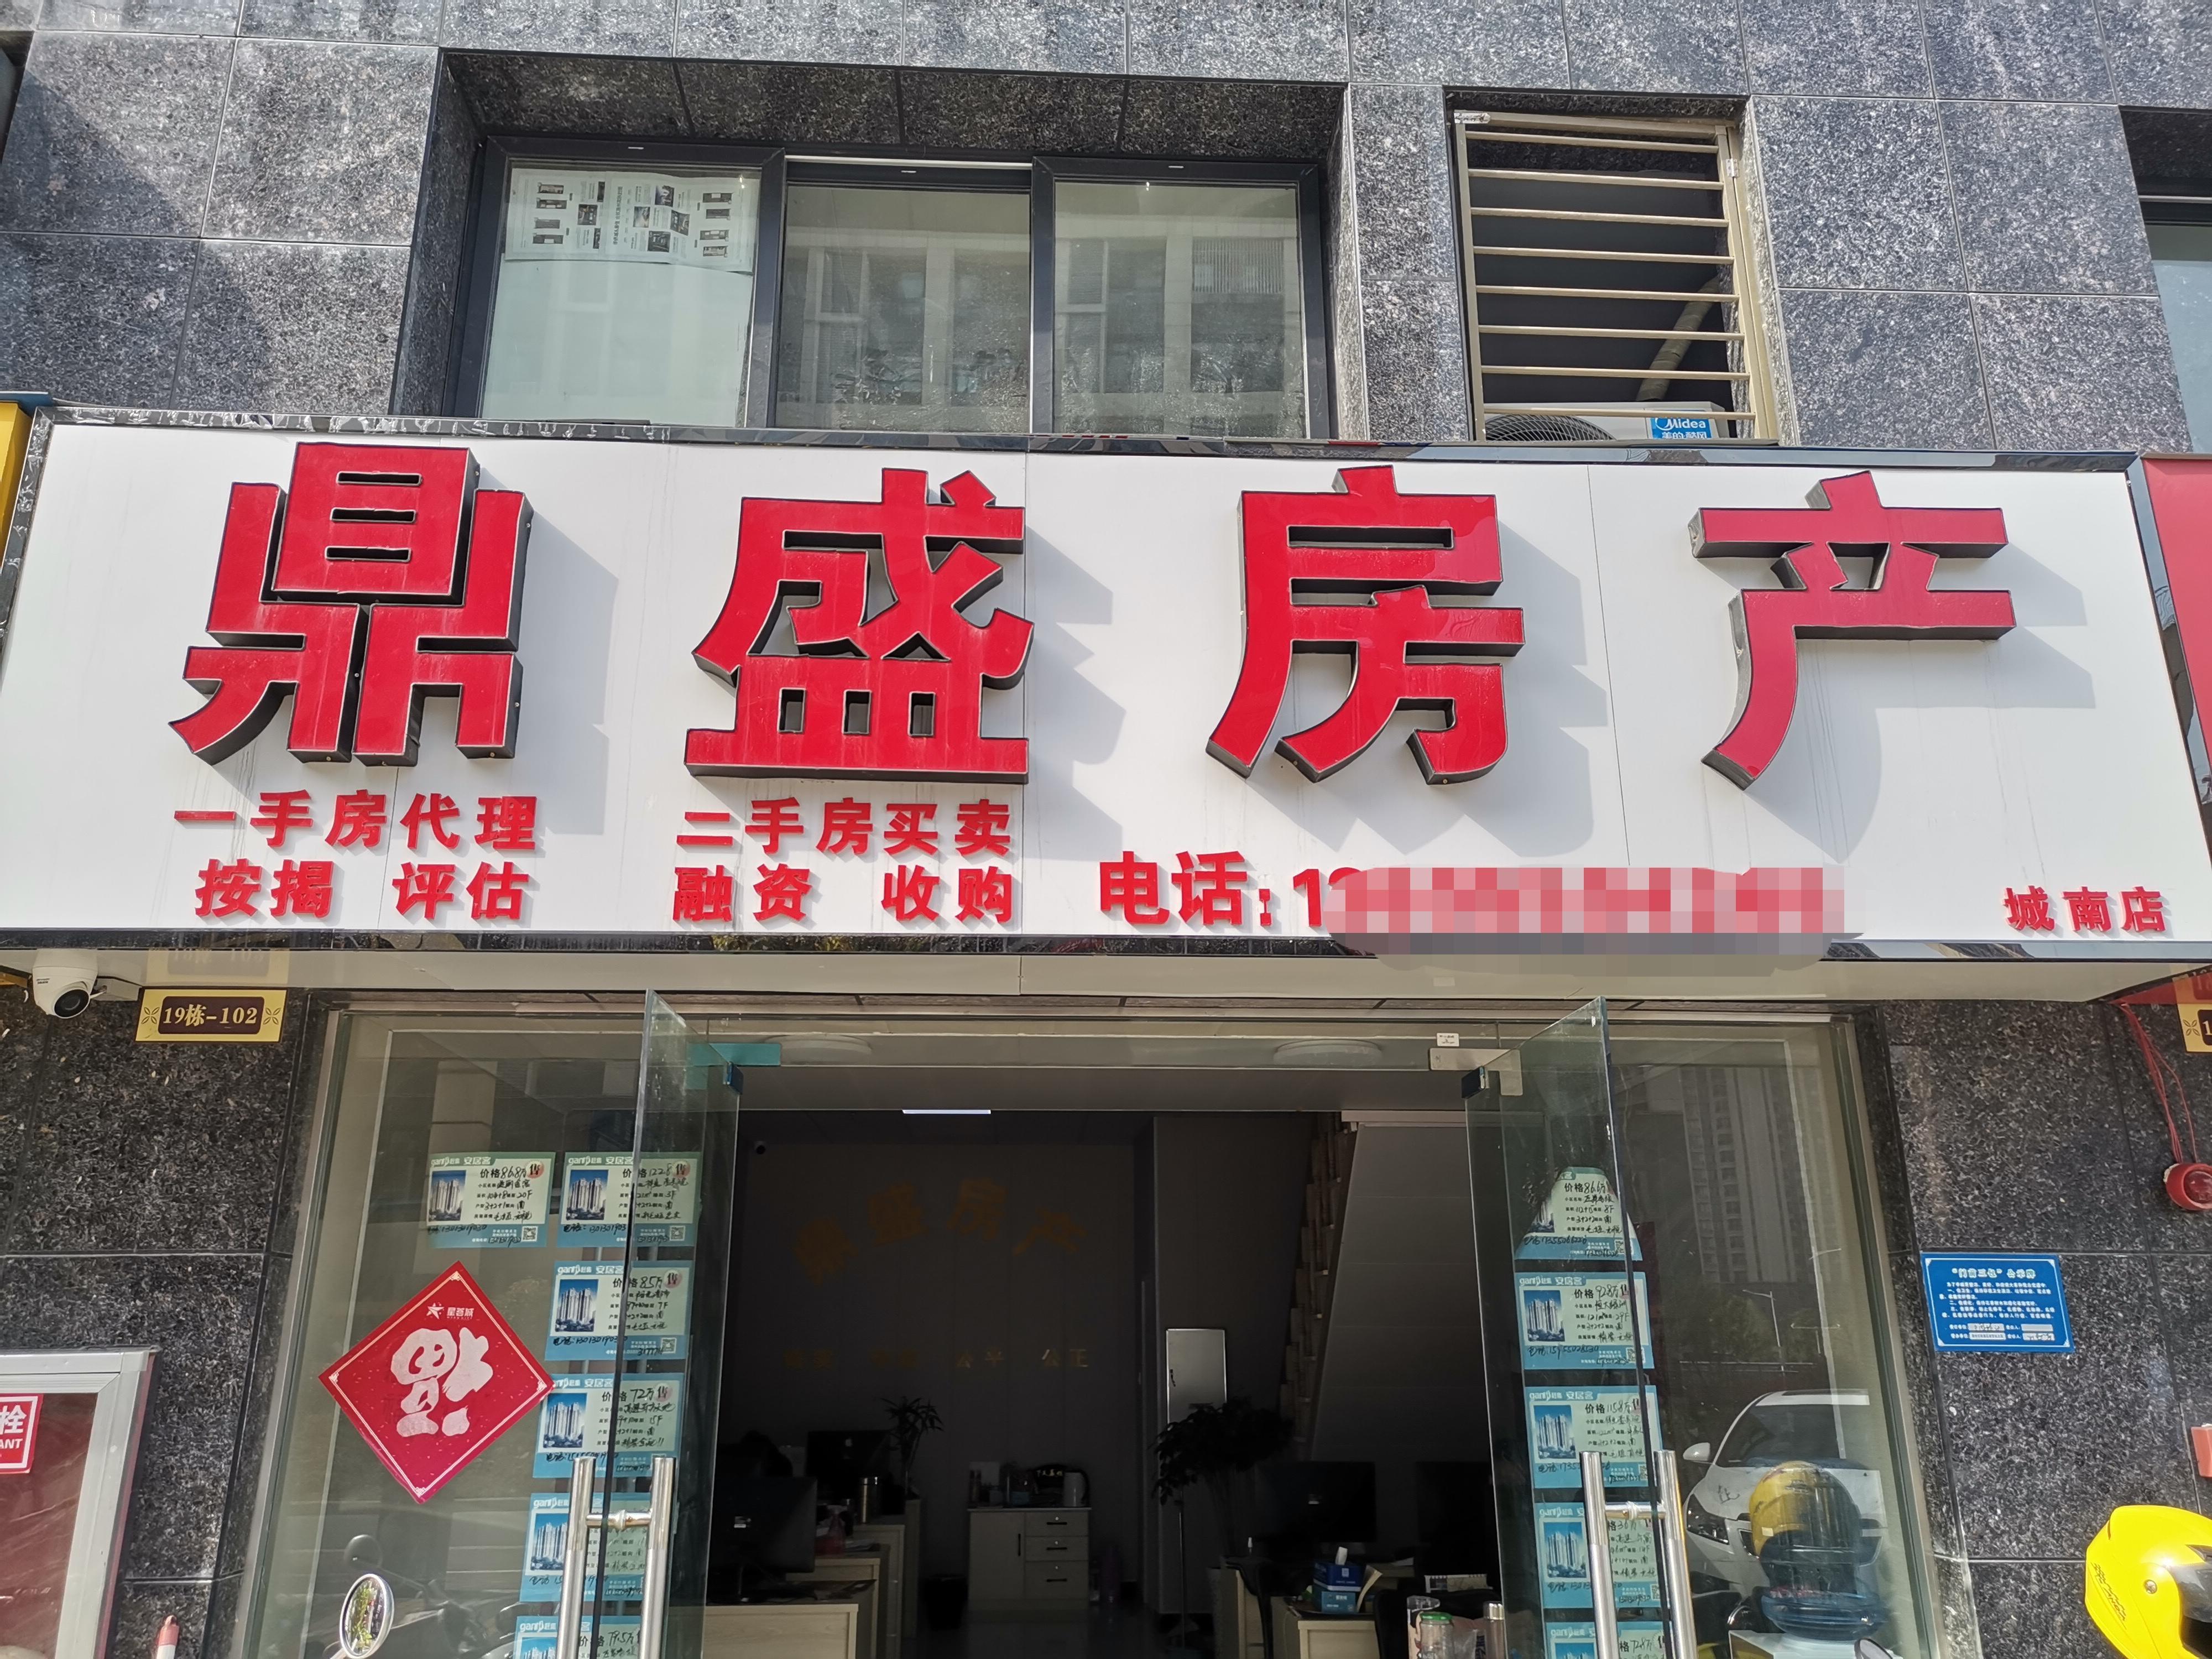 鼎盛房产城南店